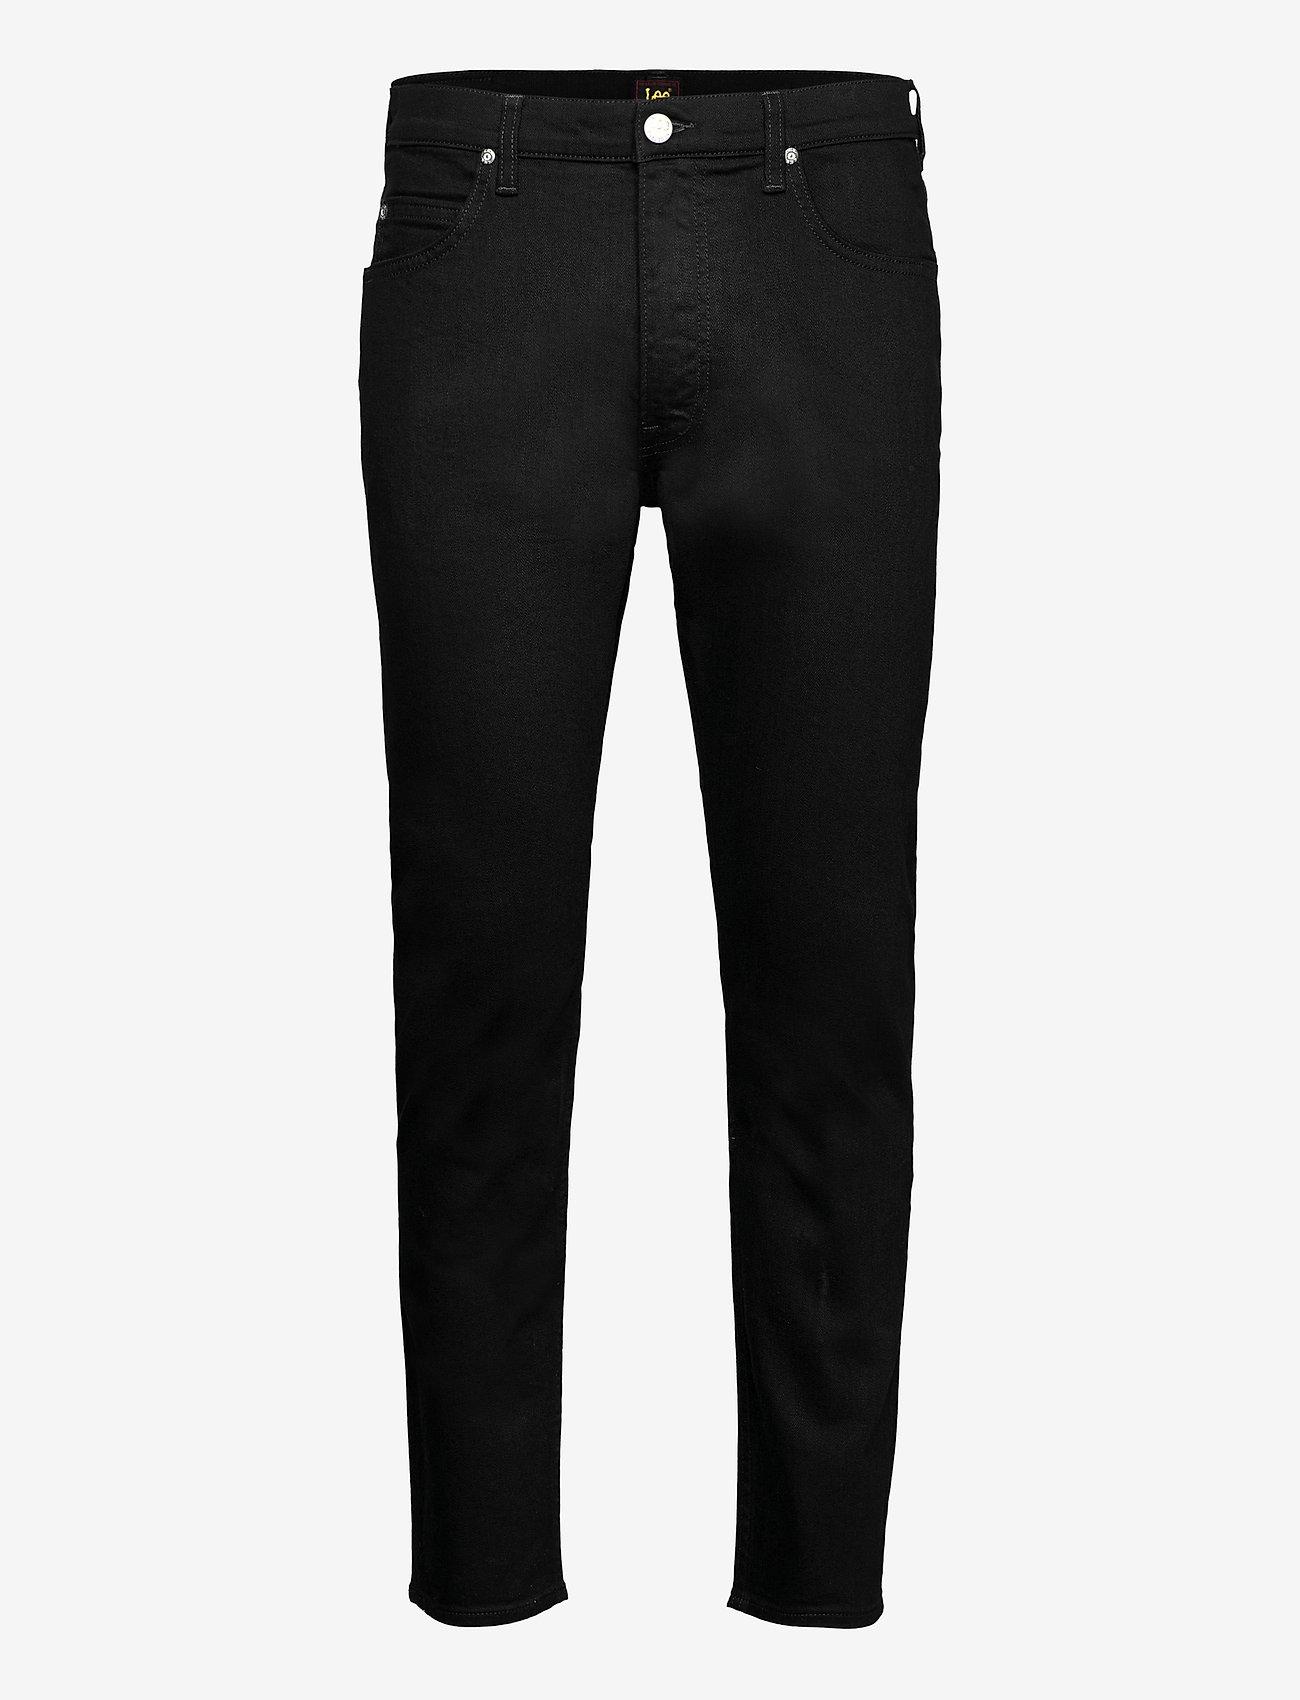 Lee Jeans - RIDER - slim jeans - clean black - 0